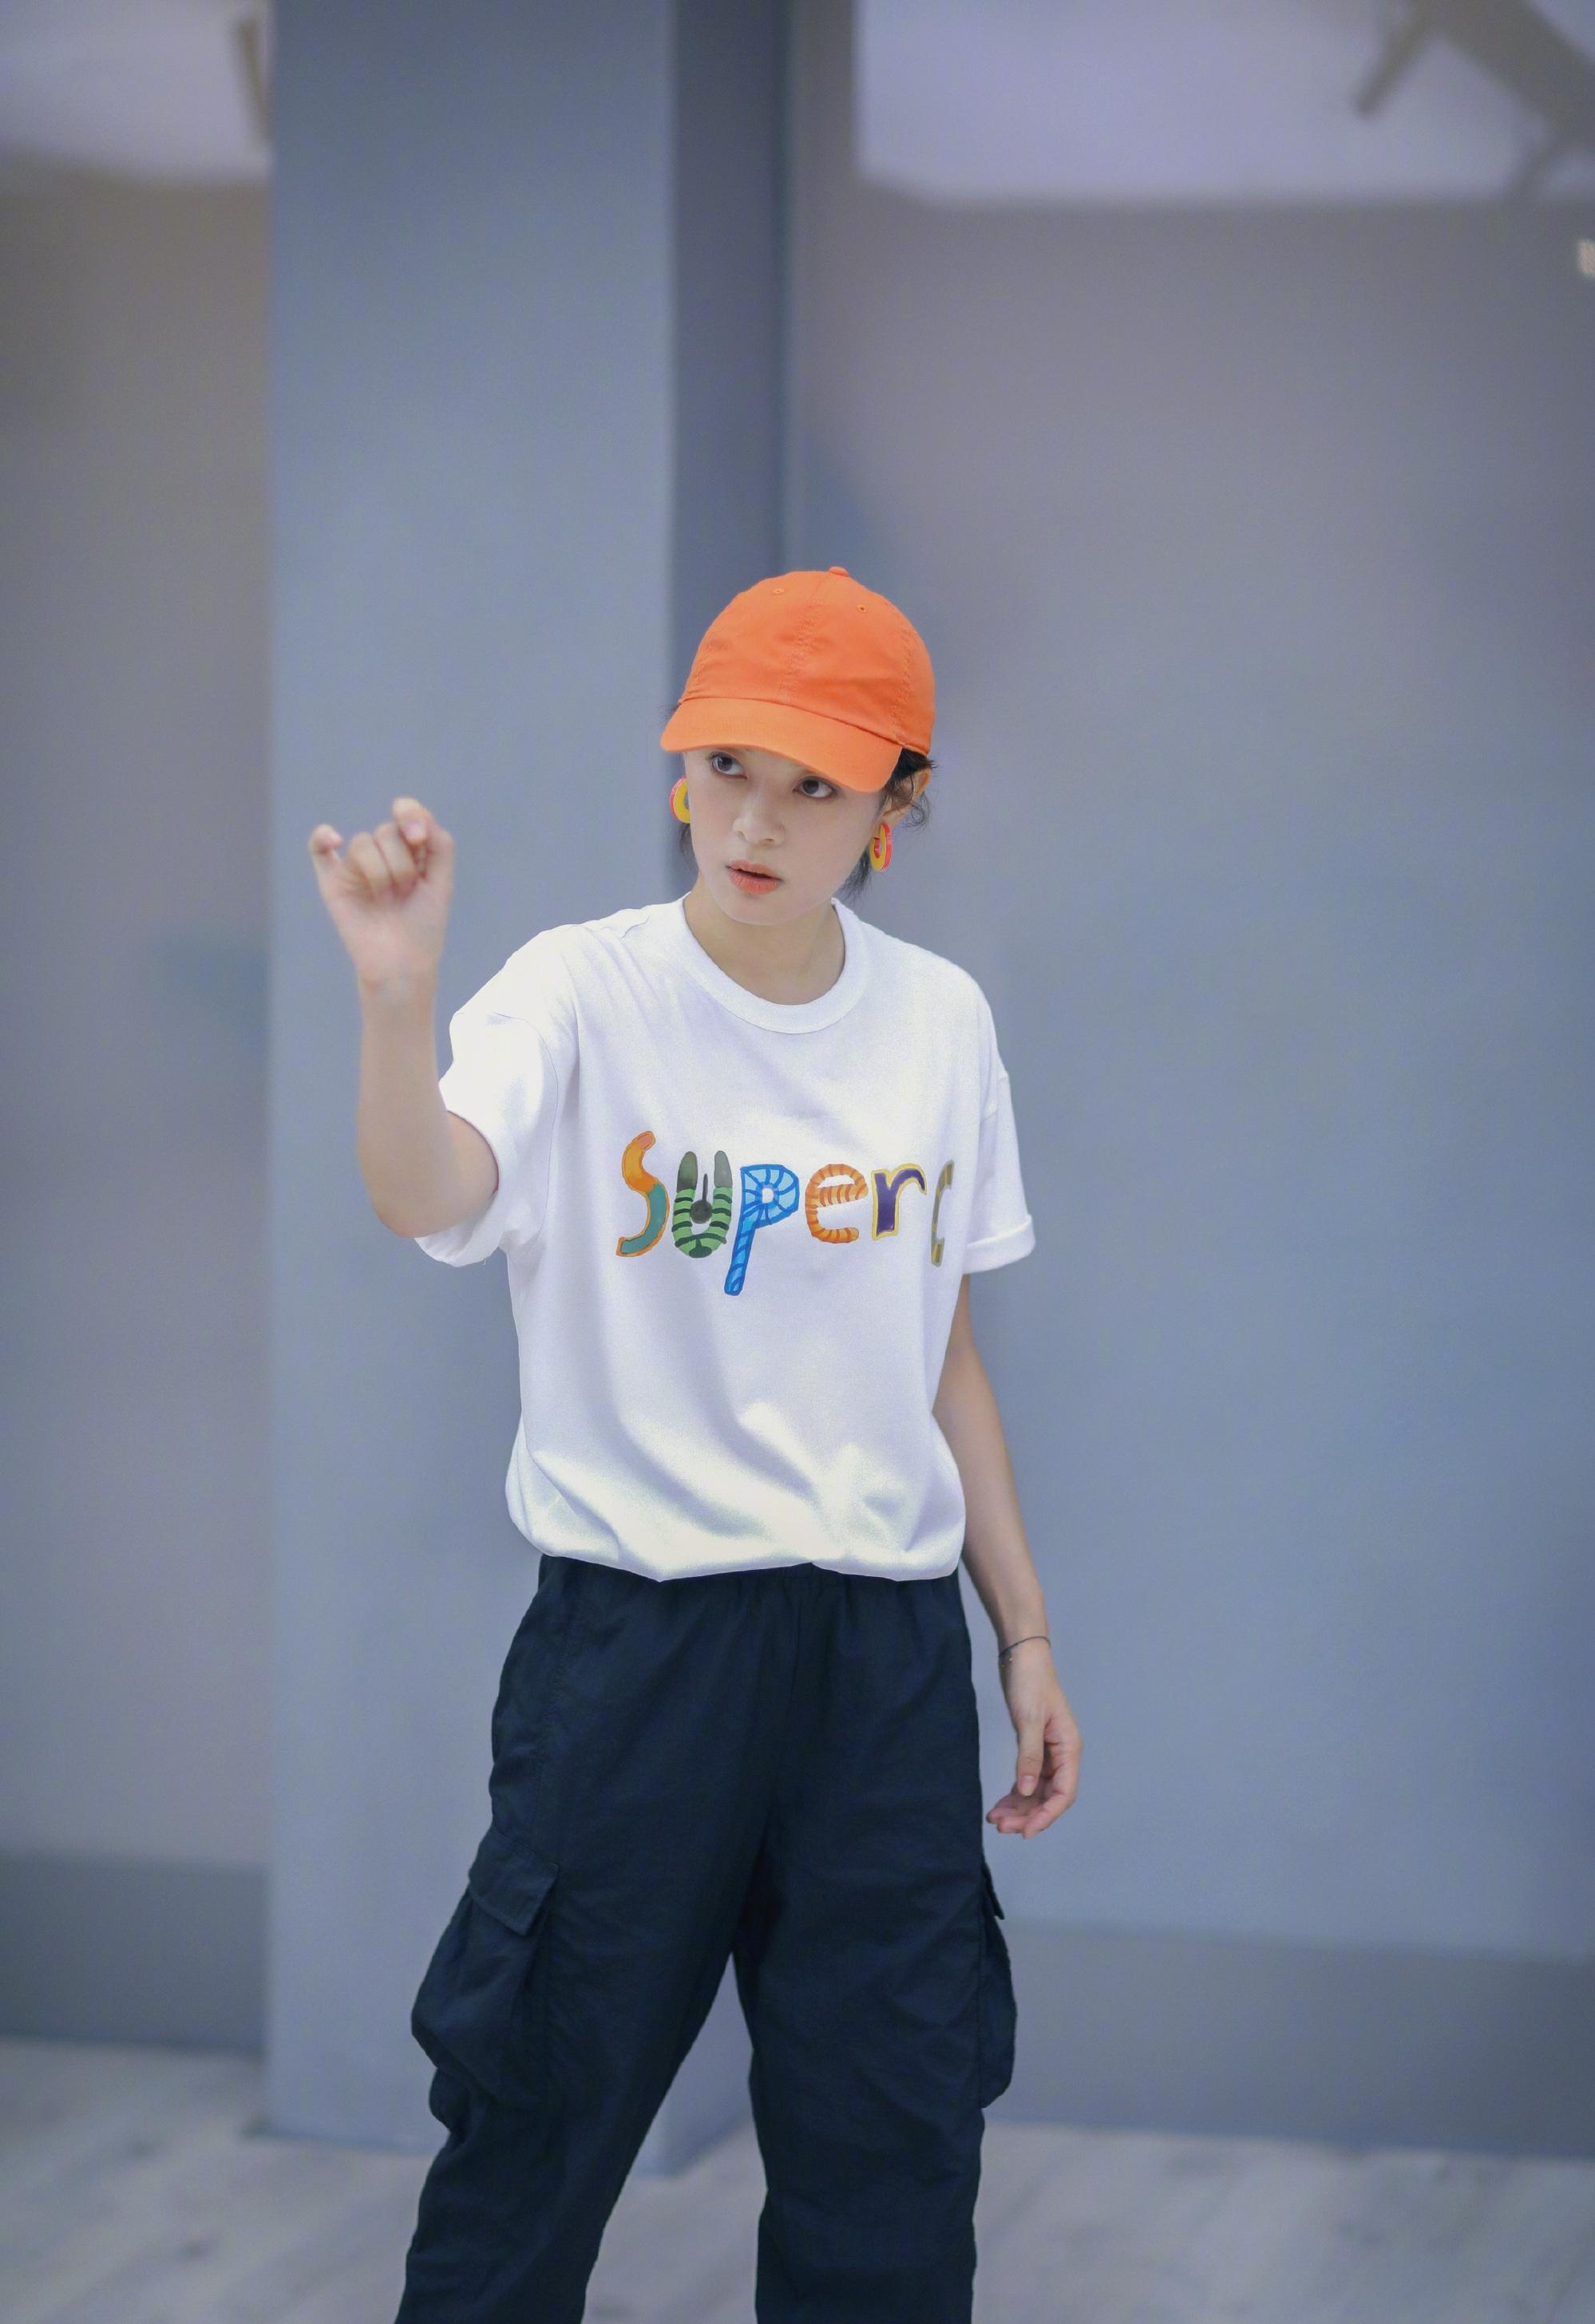 孙俪真会打扮,戴橘色棒球帽穿白T嫩回18岁,哪像两个孩子的妈